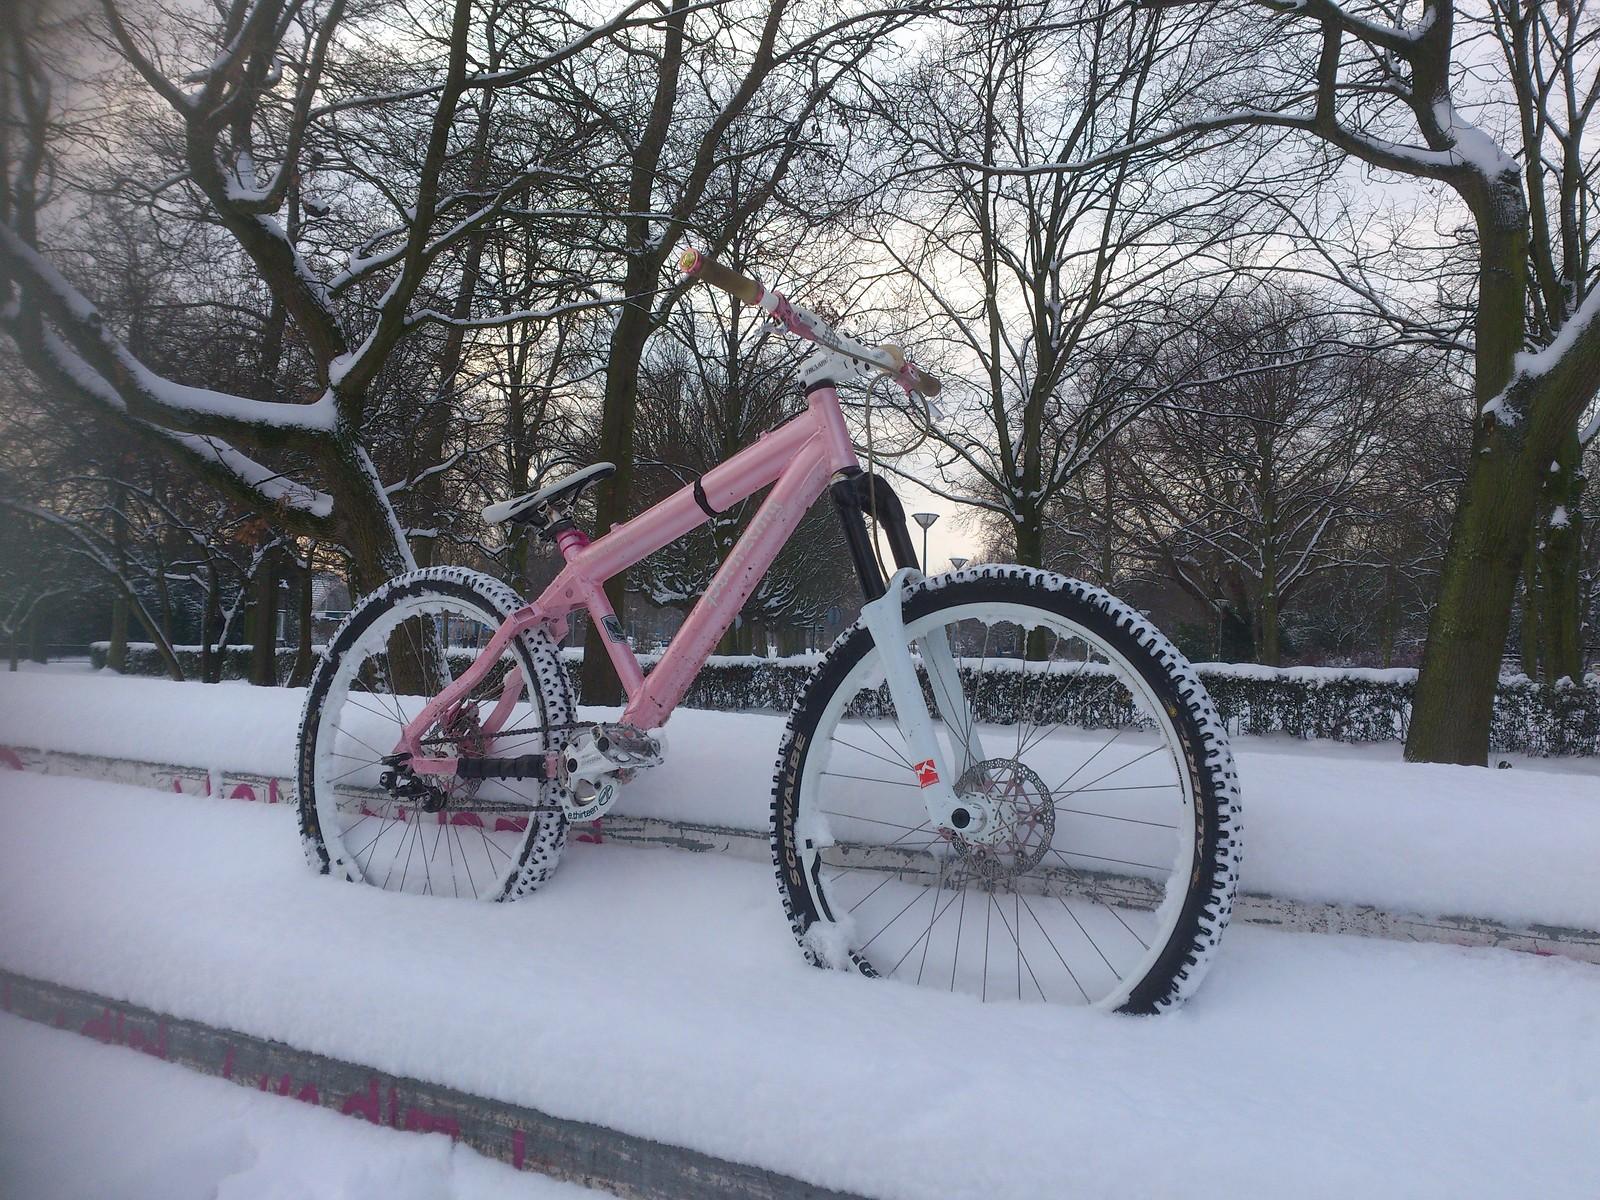 DSC 4907 - marcel.geel - Mountain Biking Pictures - Vital MTB